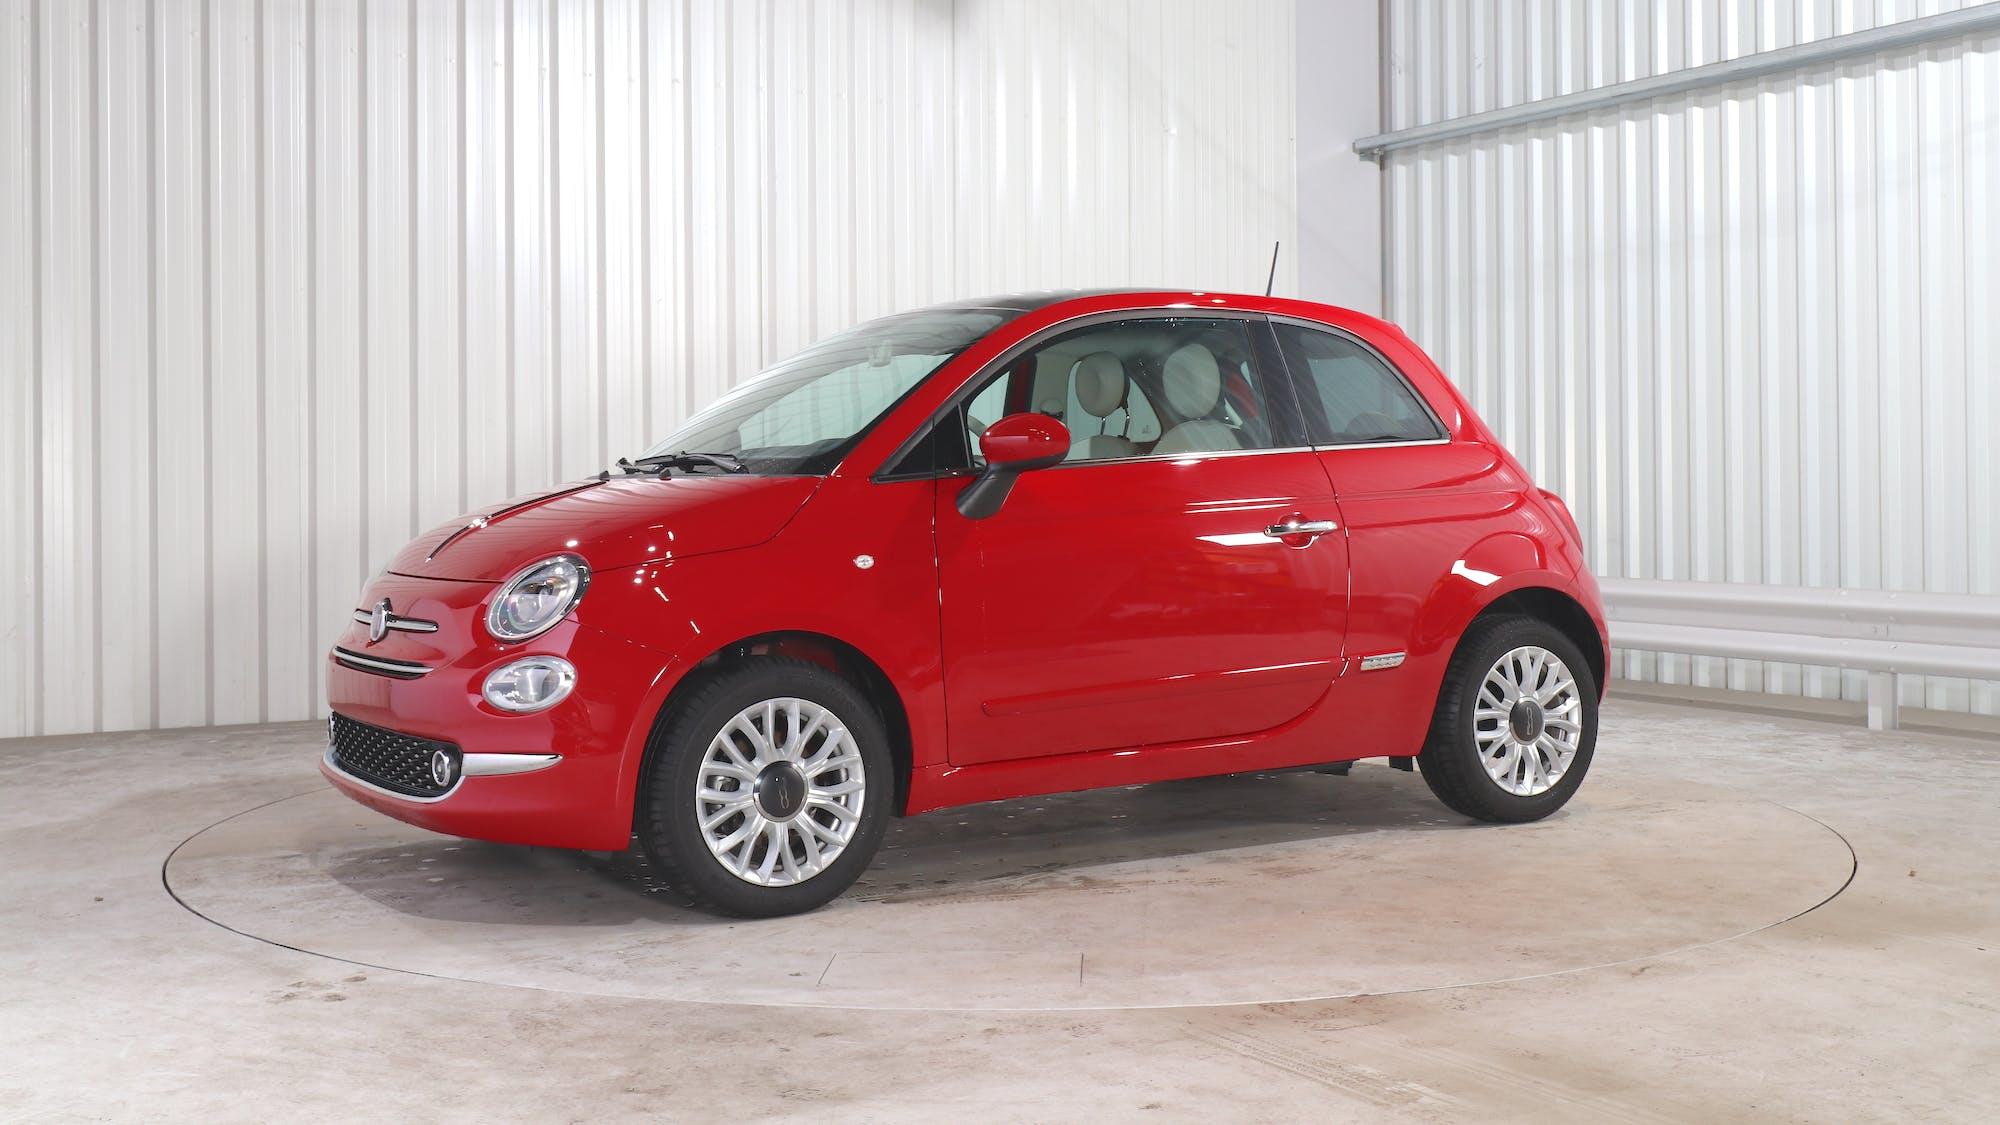 FIAT 500 leasing exterior 1